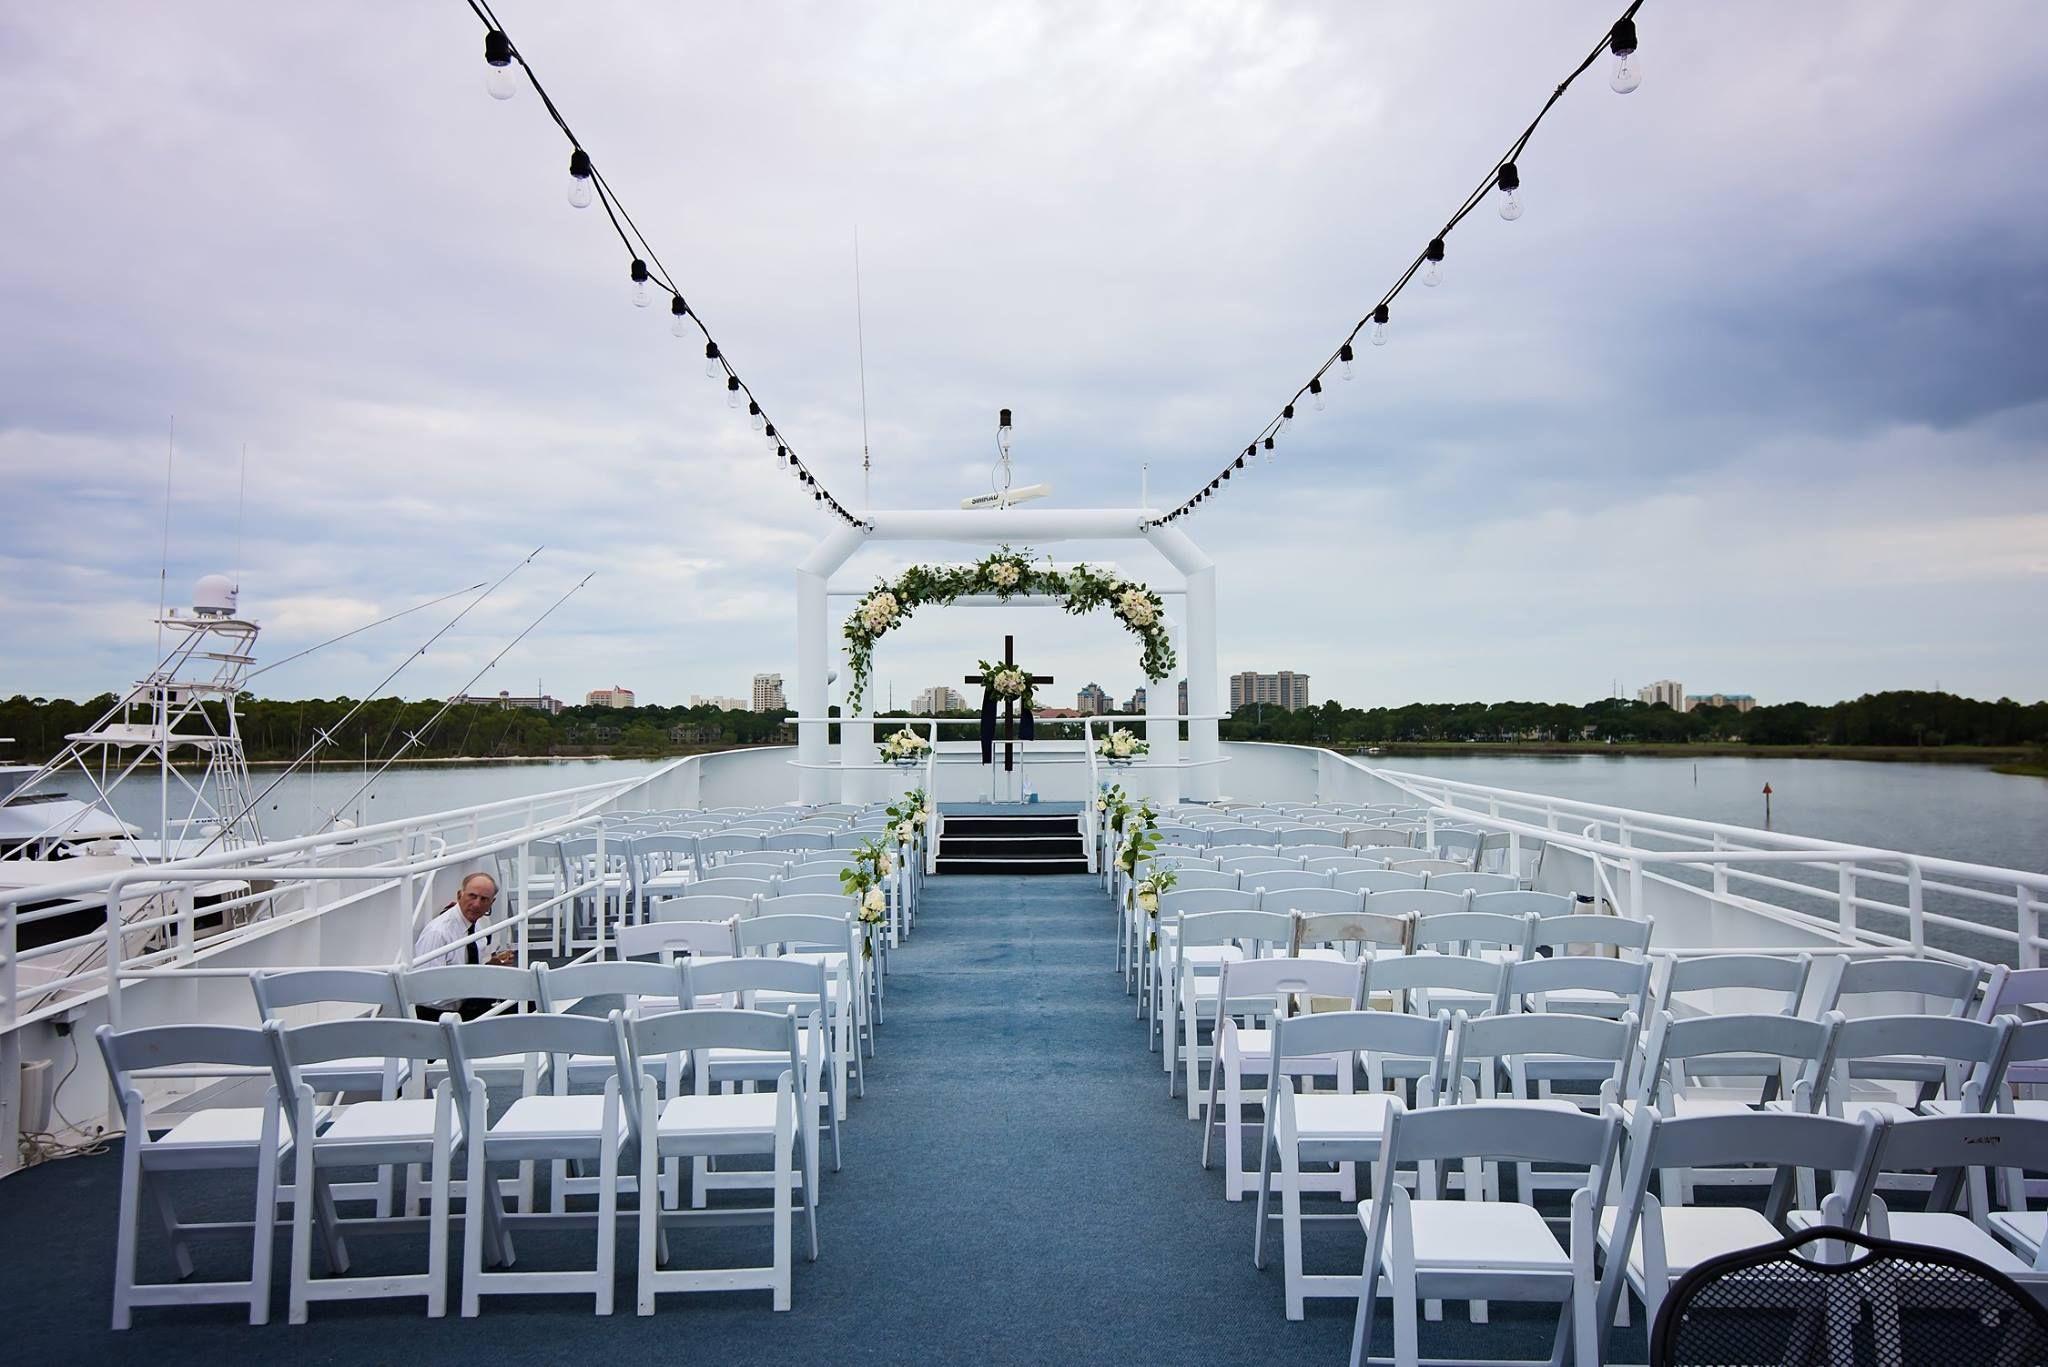 Destin Wedding Venues Packages Solaris Yacht Venue Sandestin Wedding Venue Packages Destin Florida Wedding Destination Wedding Venues